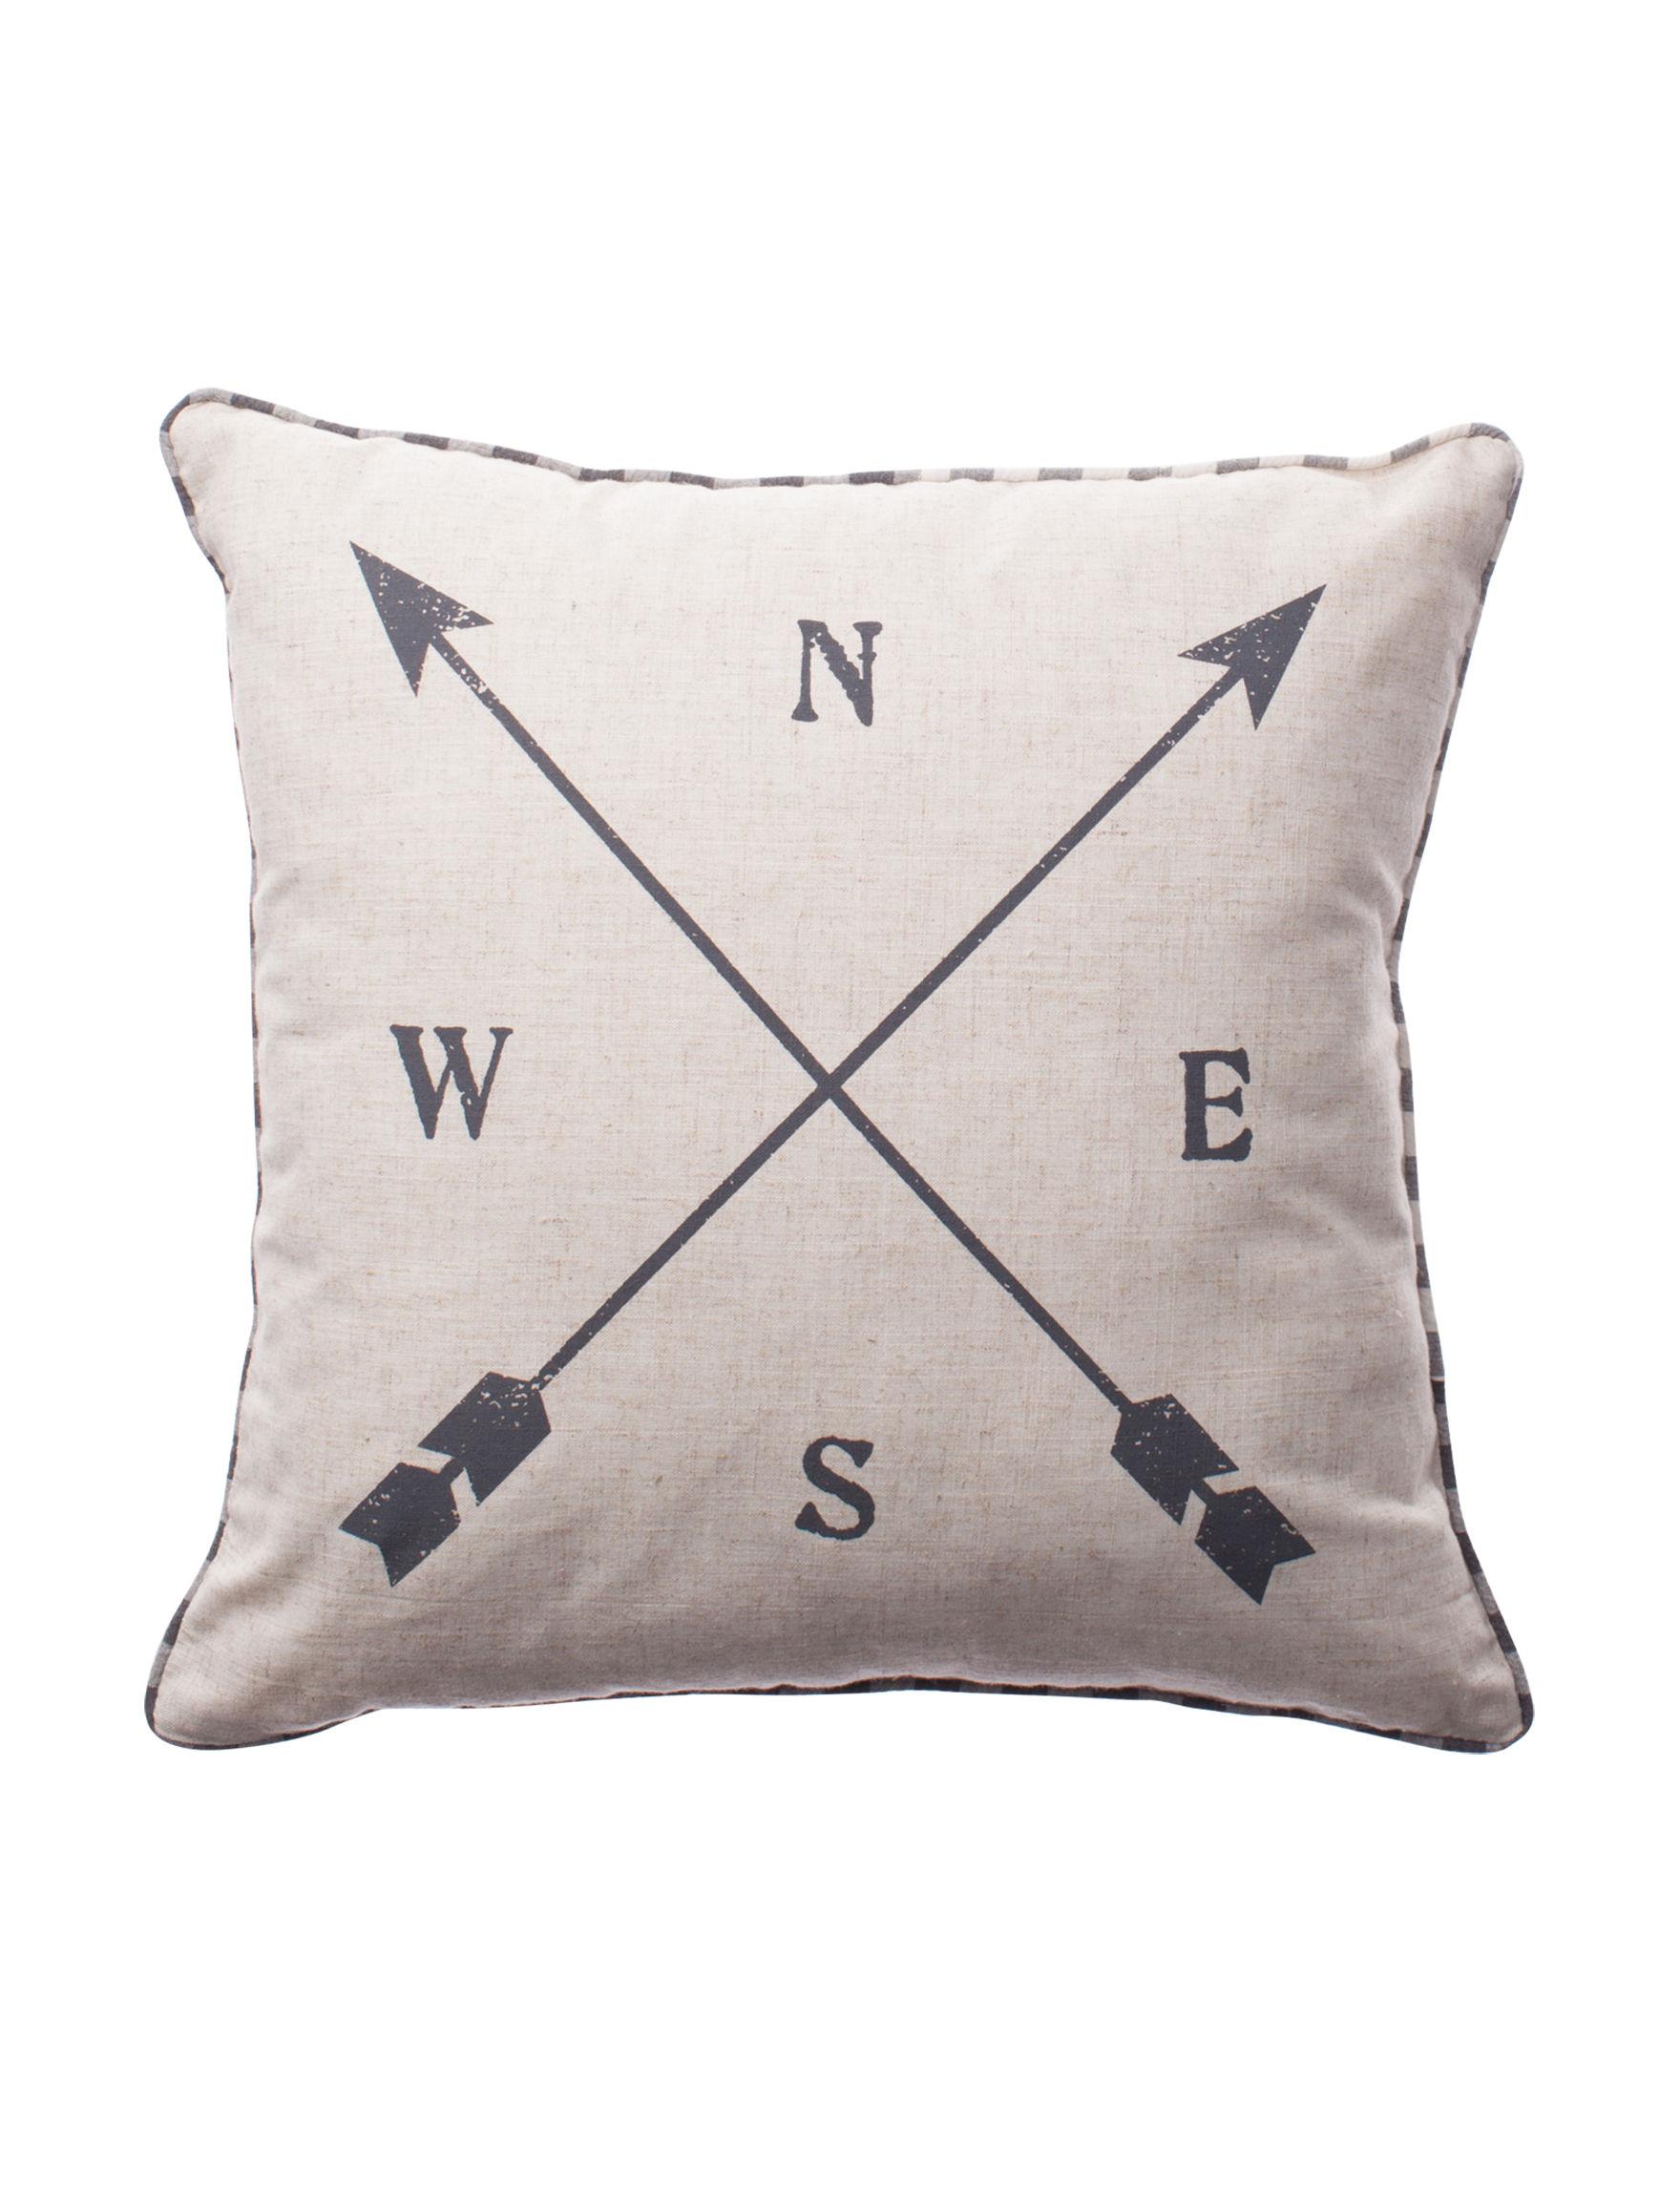 Deco Beige Decorative Pillows